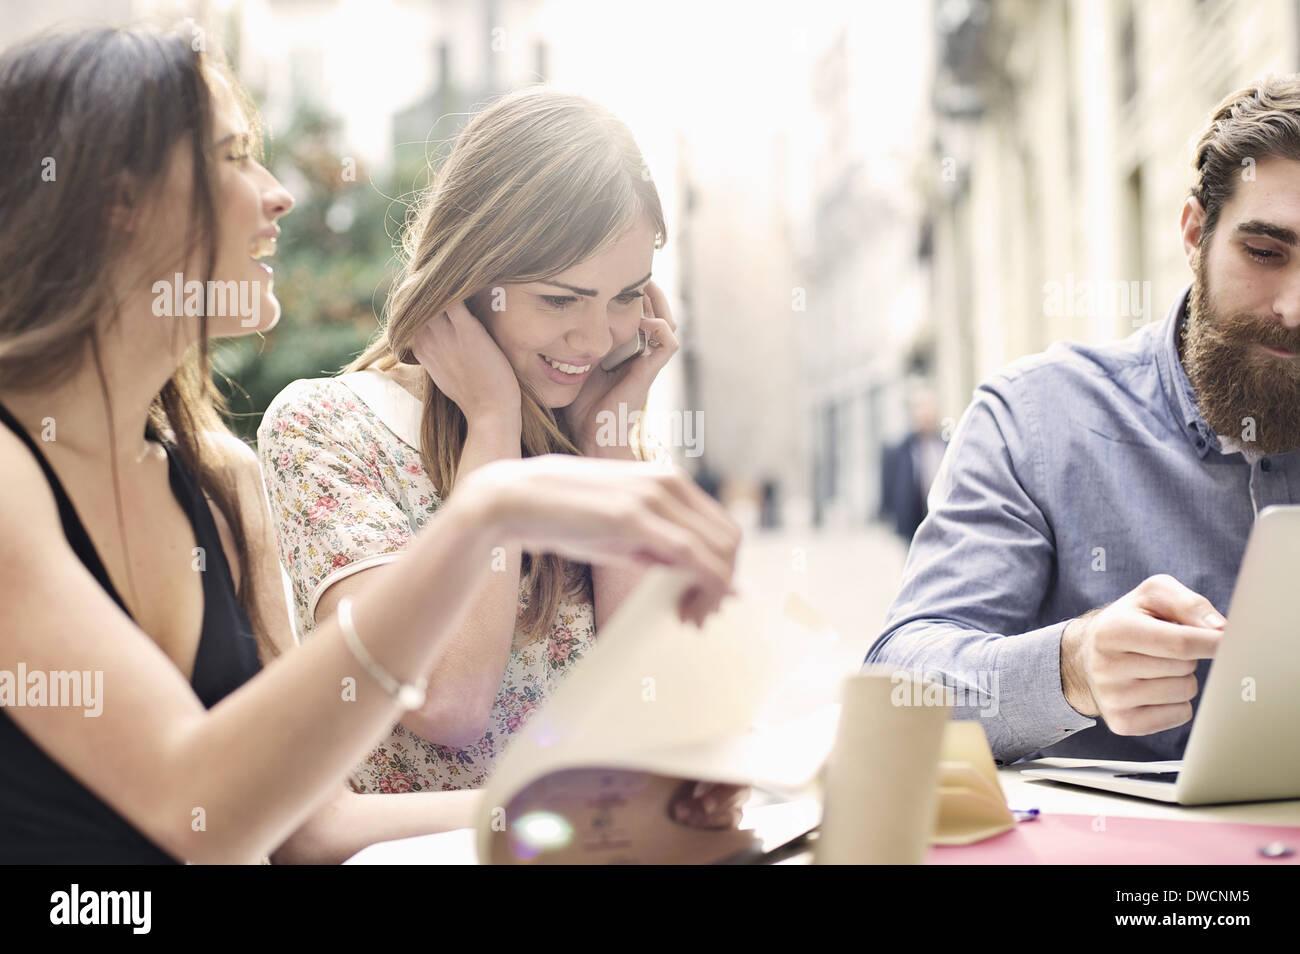 Tres amigos turistas disfrutar de un descanso en el café en la acera, Valencia, España Imagen De Stock